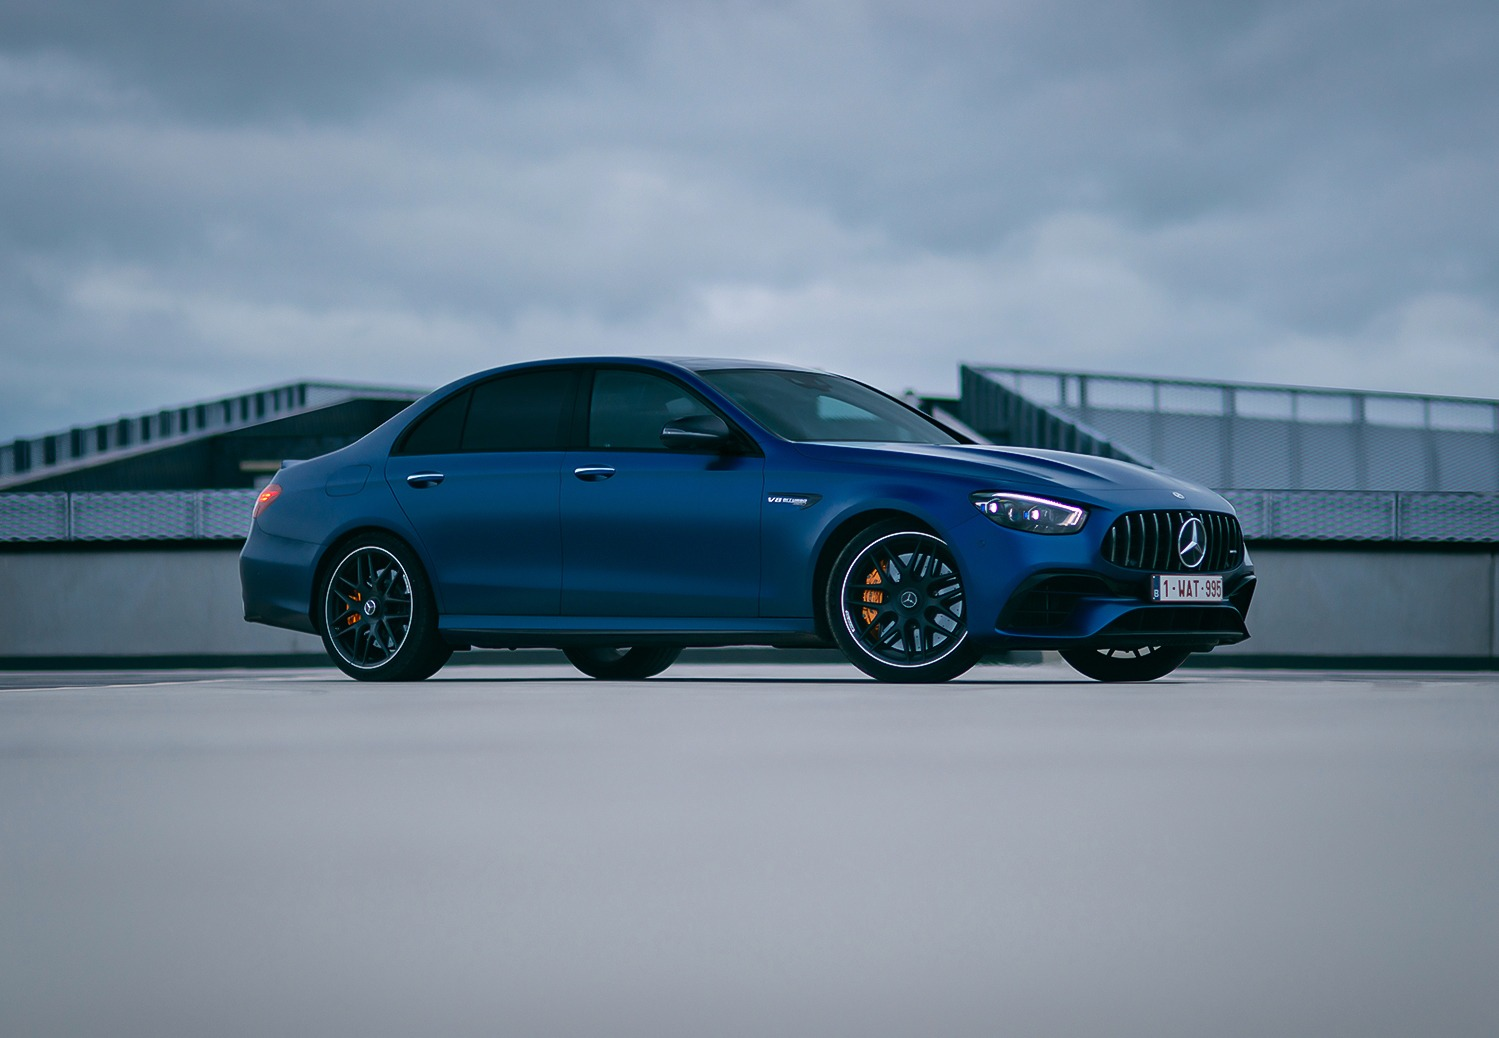 Rijtest: Mercedes-AMG E63 S (2021)